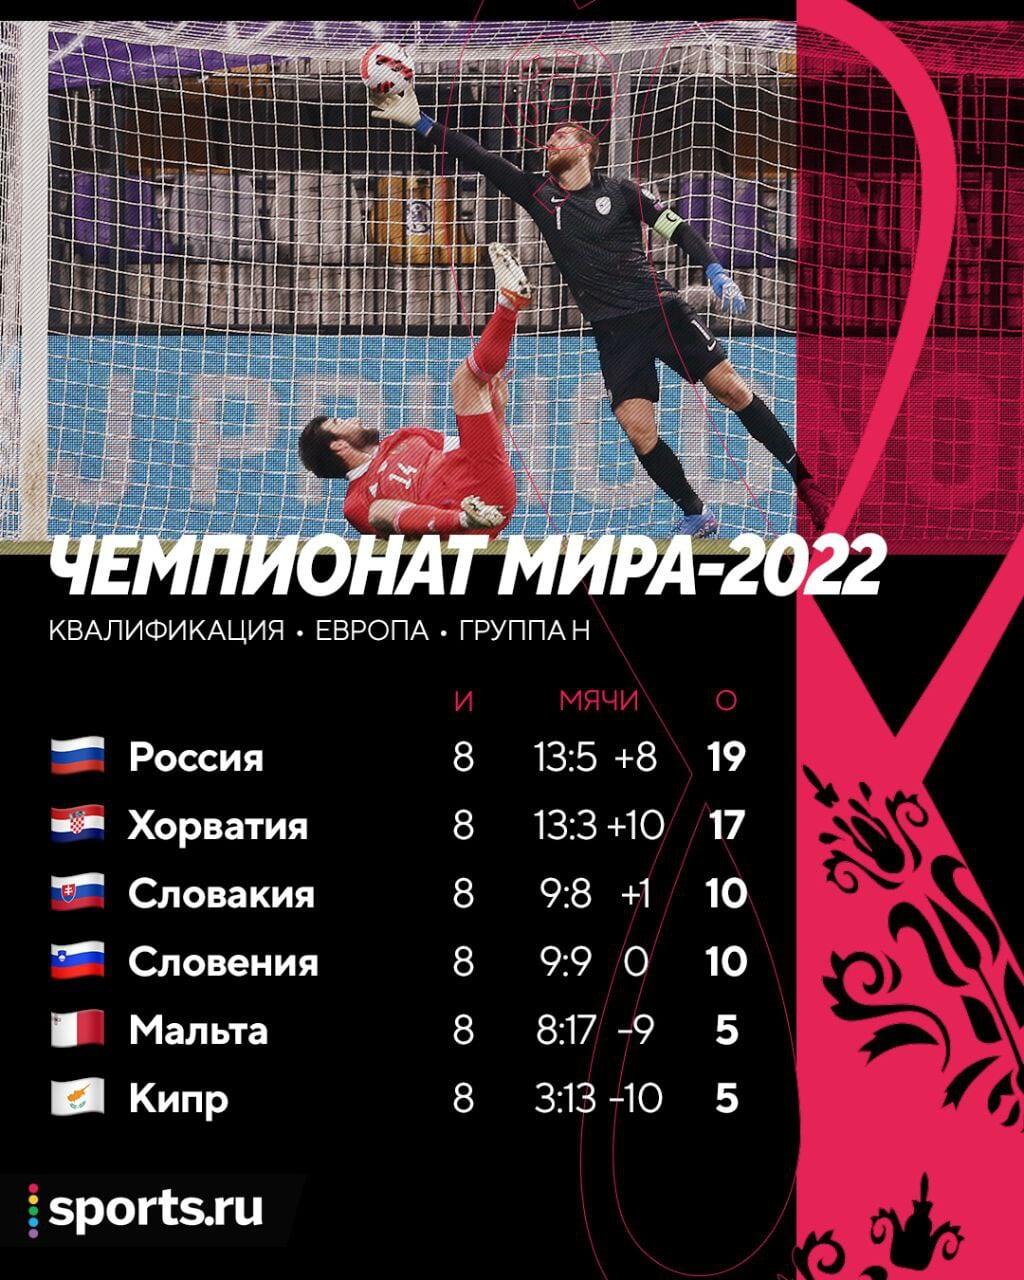 Россия –лидер группы! Мы уже минимум в стыках ЧМ-2022